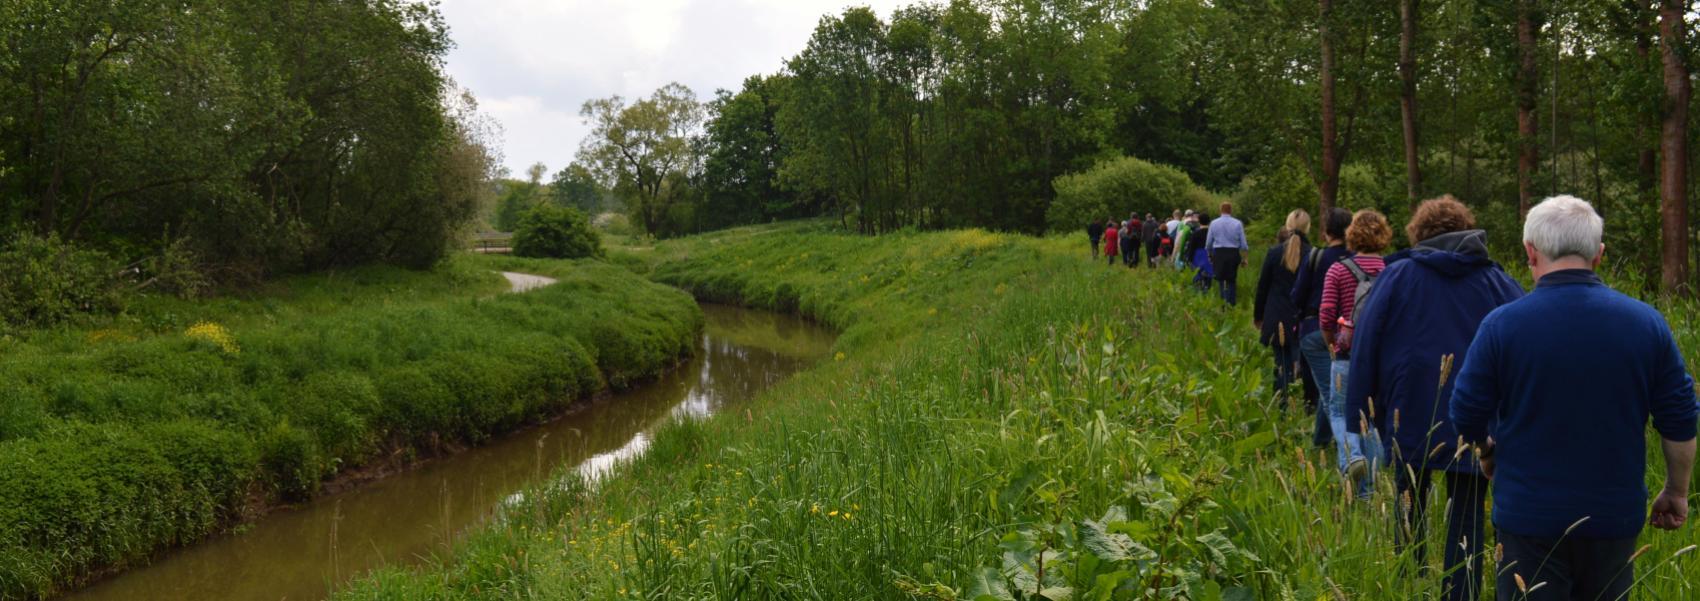 groep wandelaars op een rij langs een grasberm naast het water